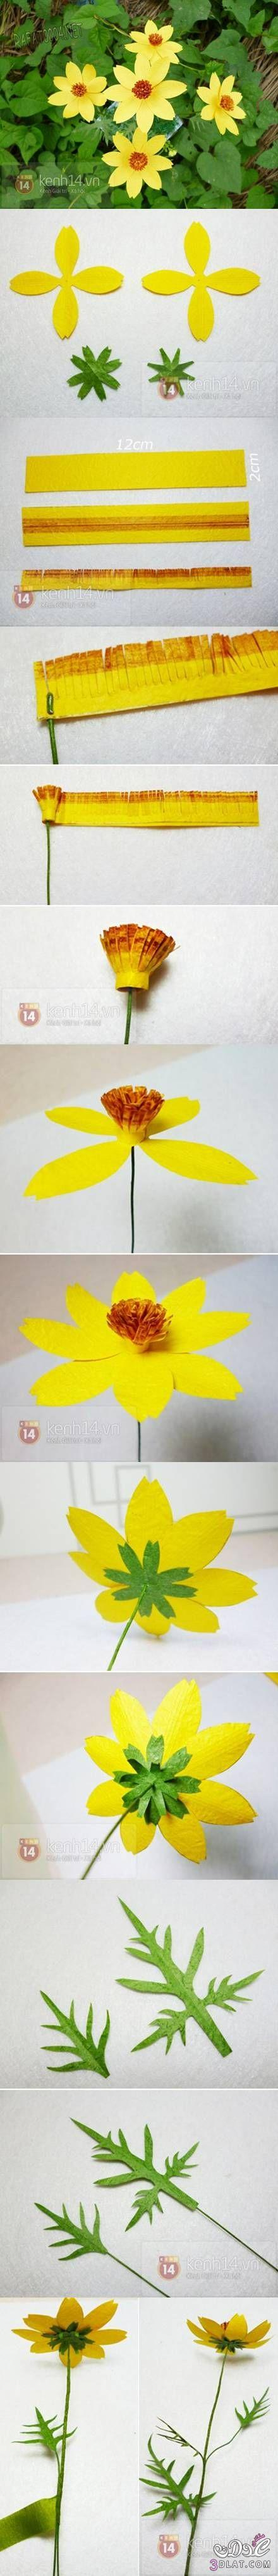 طريقة وردة صفراء الورق Yellow